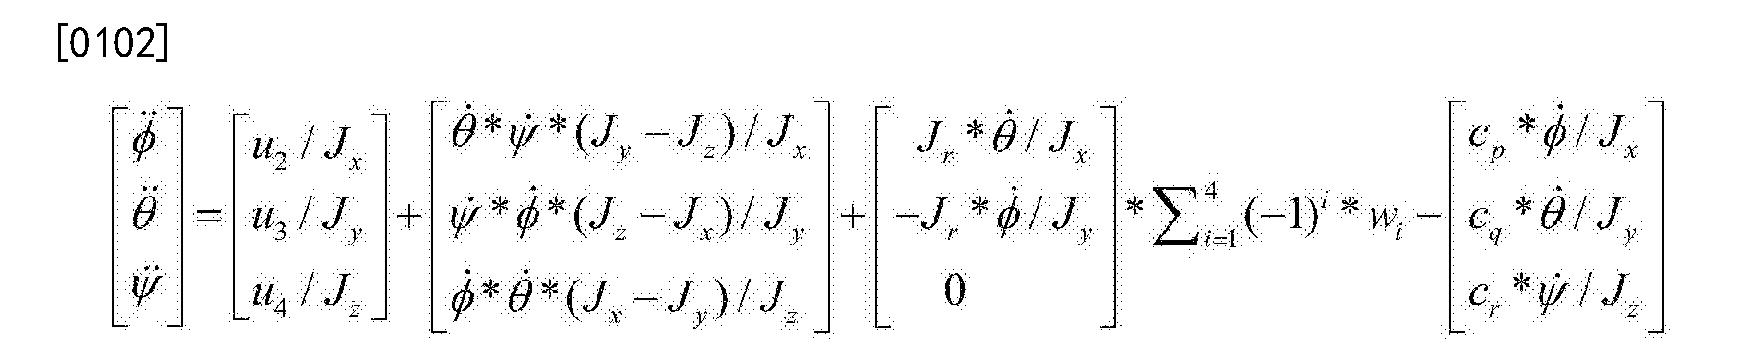 Figure CN104932512BD00142